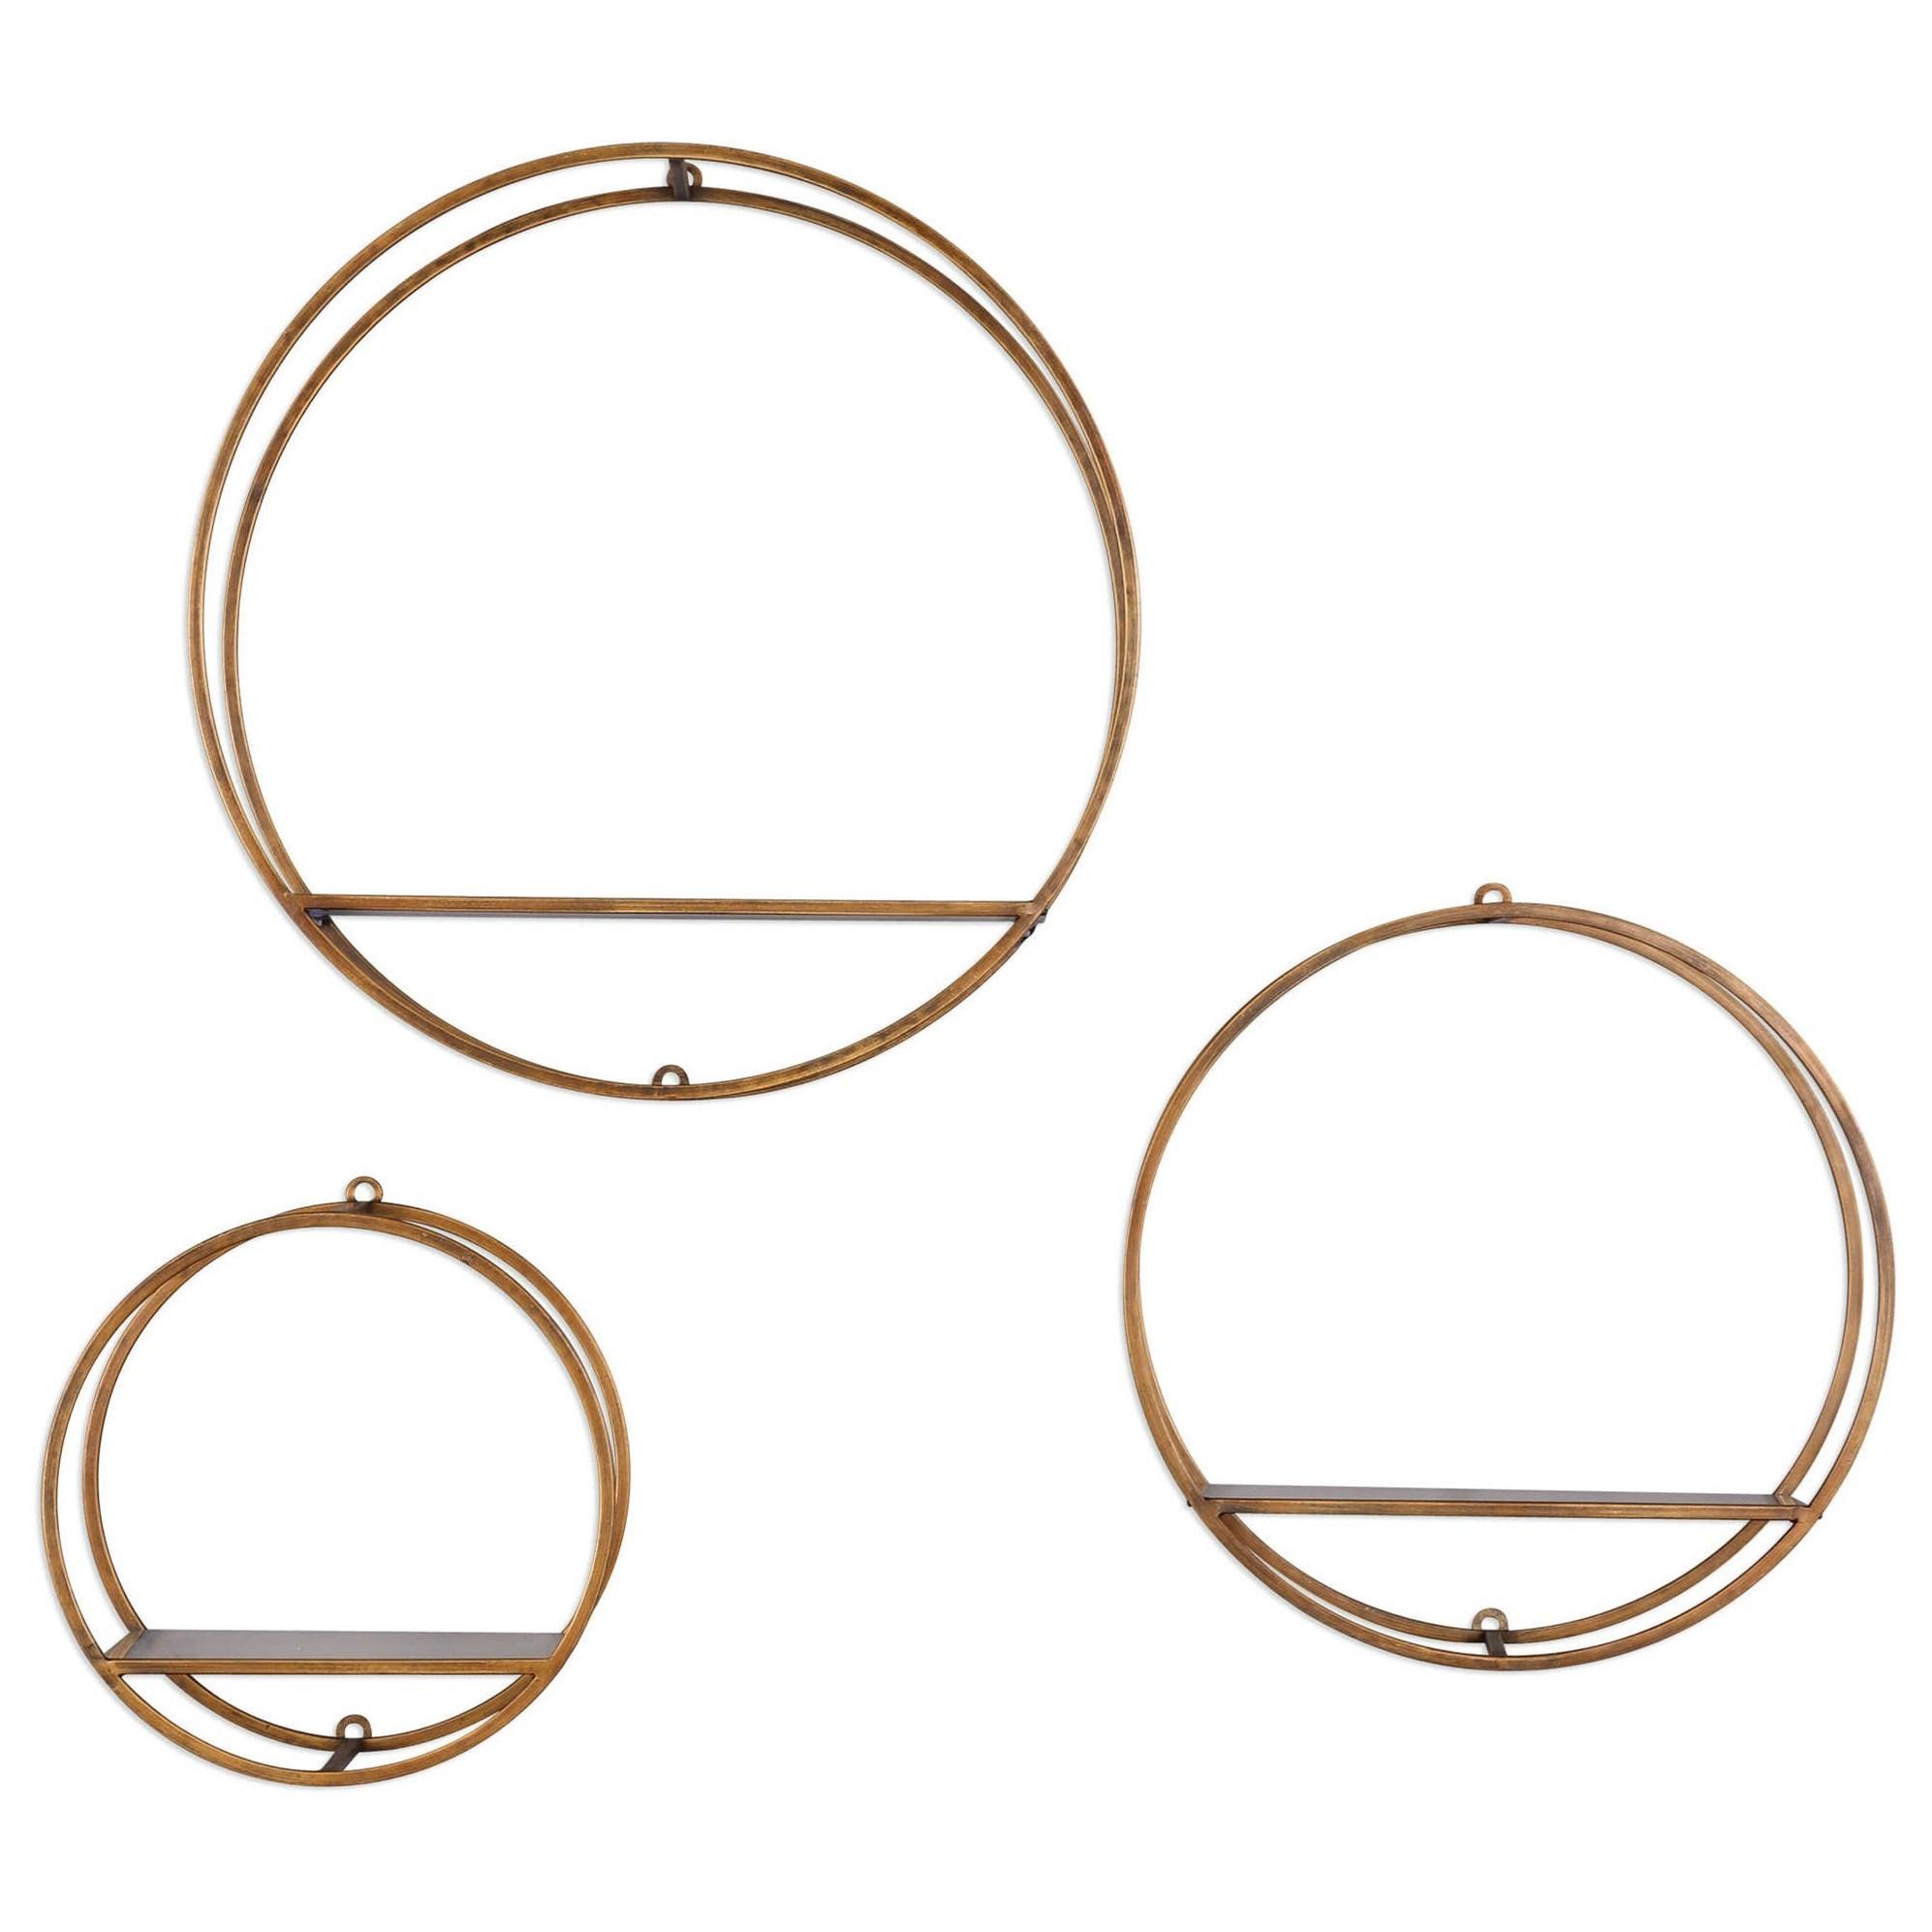 Ellison Drum Cage Shelves Set of 3